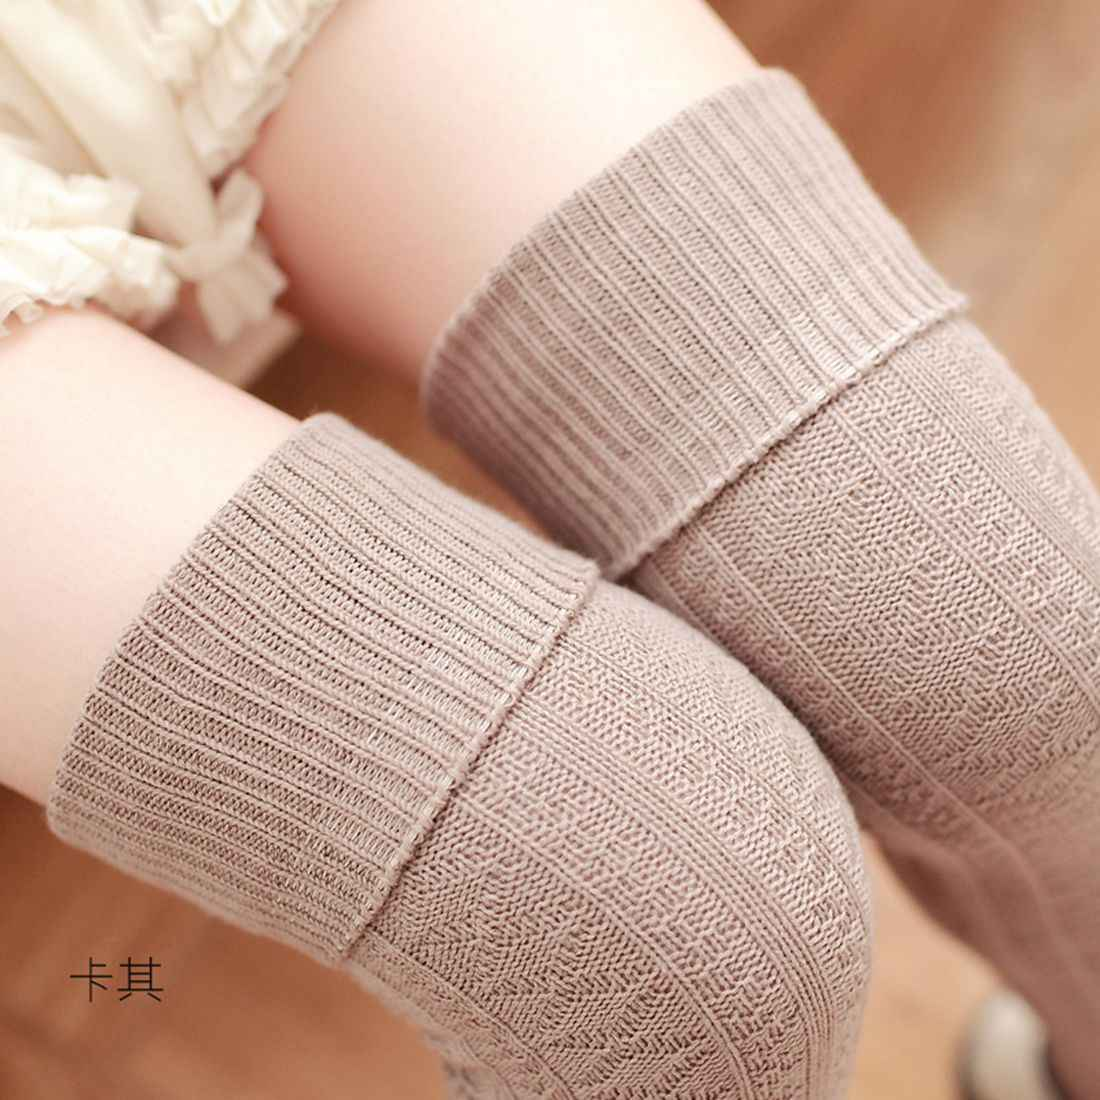 Beige สีน้ำตาลสีแดงสีเทาสีดำถุงเท้าเข่าผู้หญิงต้นขาสูงถุงน่องถุงน่อง 2019 แฟชั่นเซ็กซี่ถุงเท้ายาวฝ้ายฤดูหนาว medias